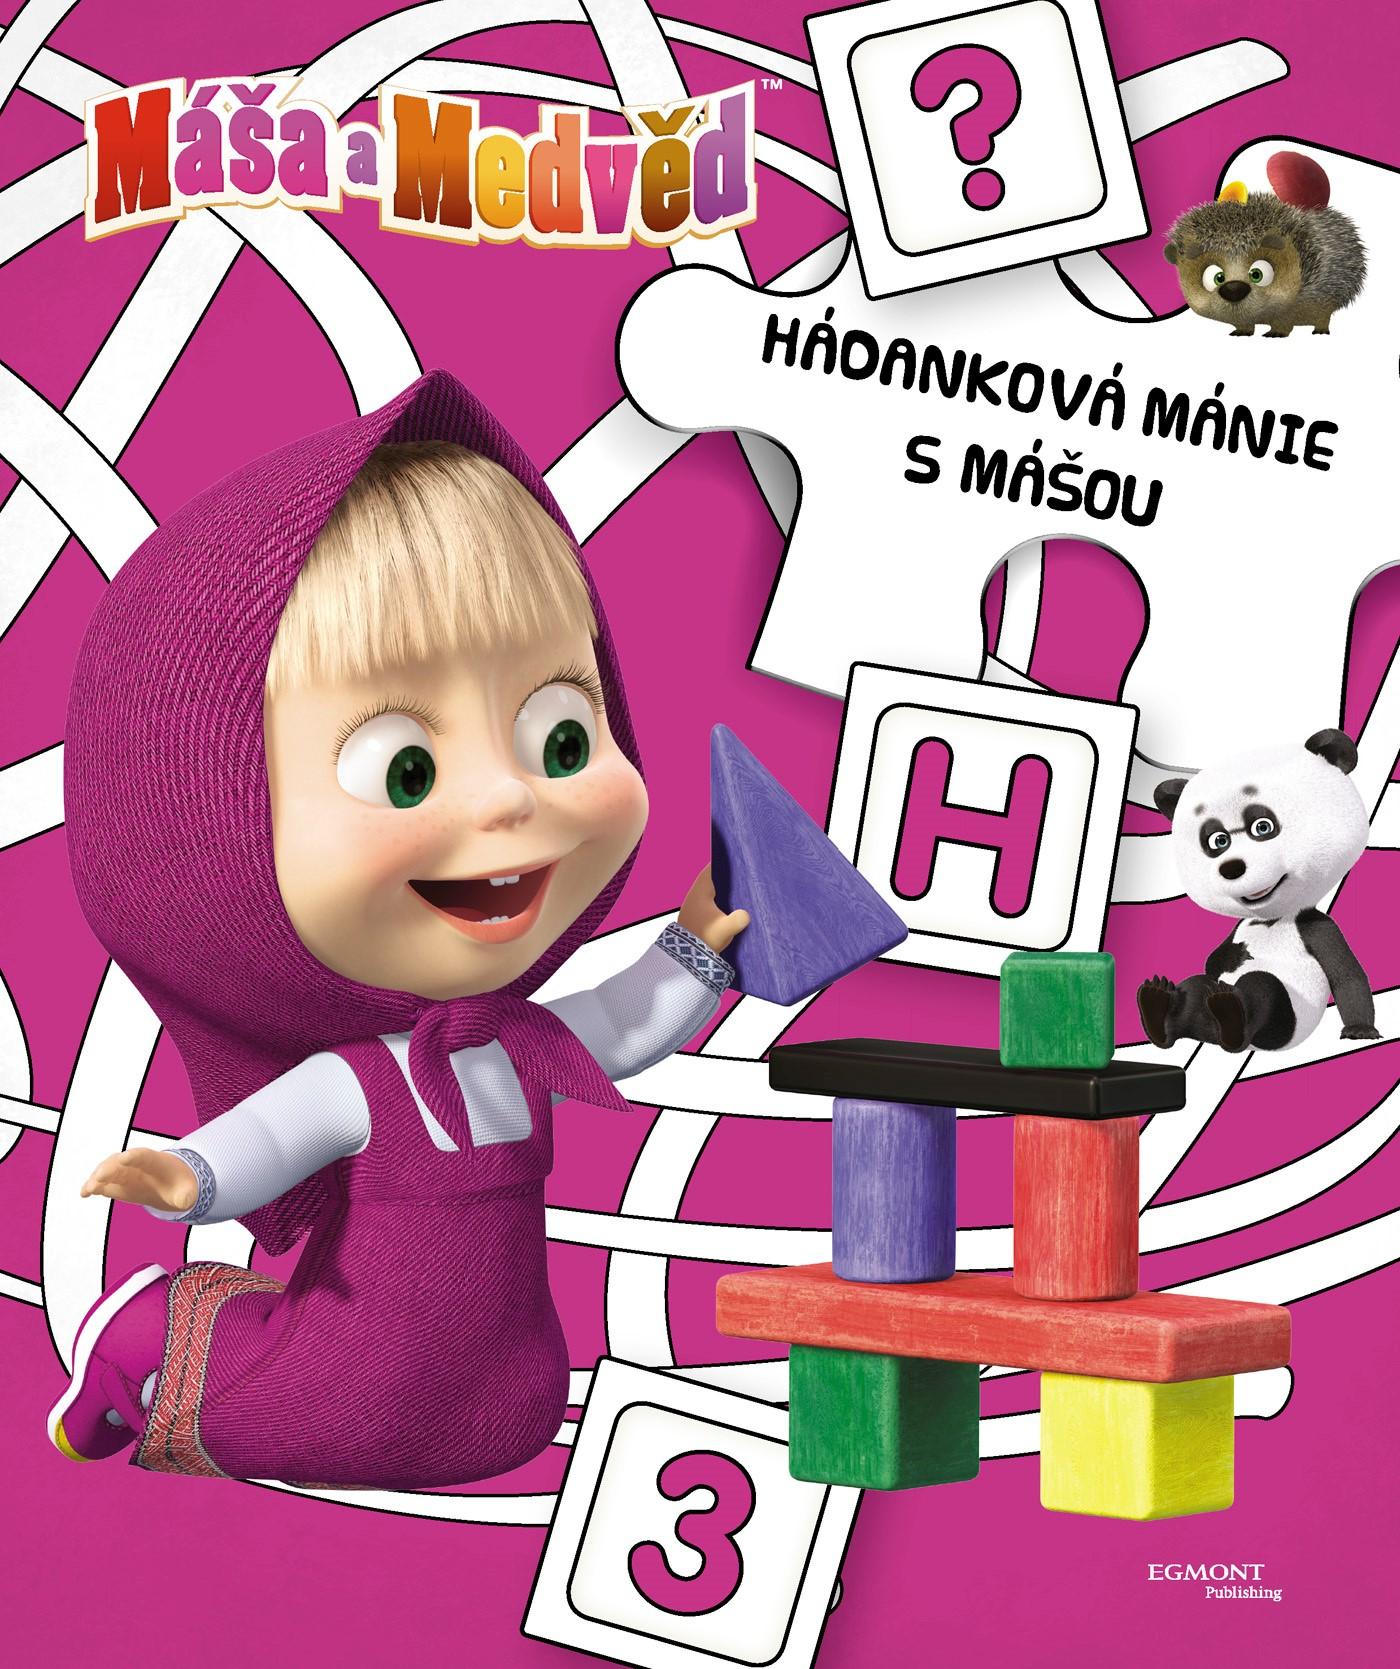 Máša a medvěd Hádanková mánie s Mášou | Animaccord